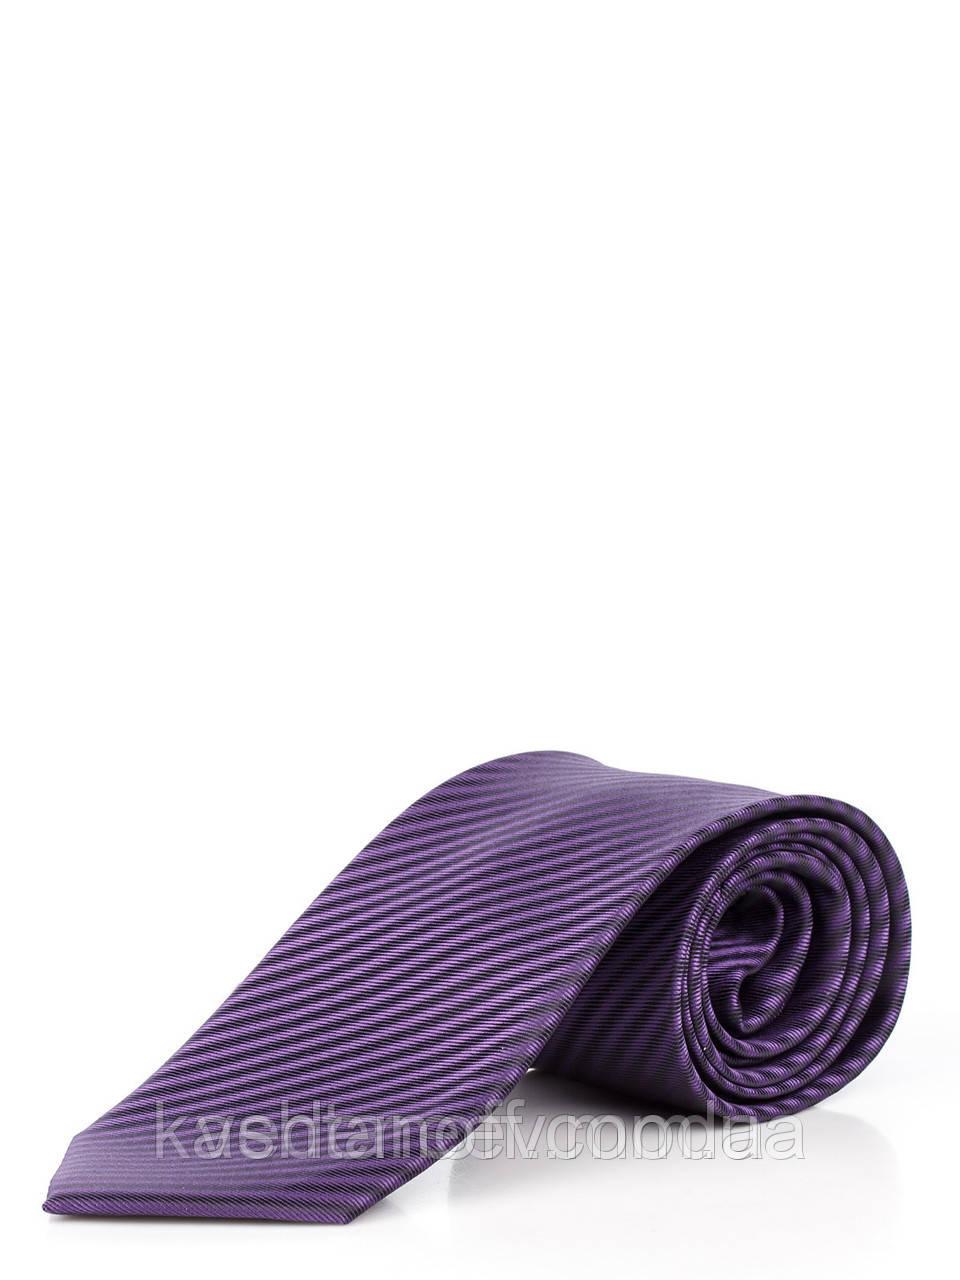 Краватка атласний, фіолетовий в діагональну чорну смужку